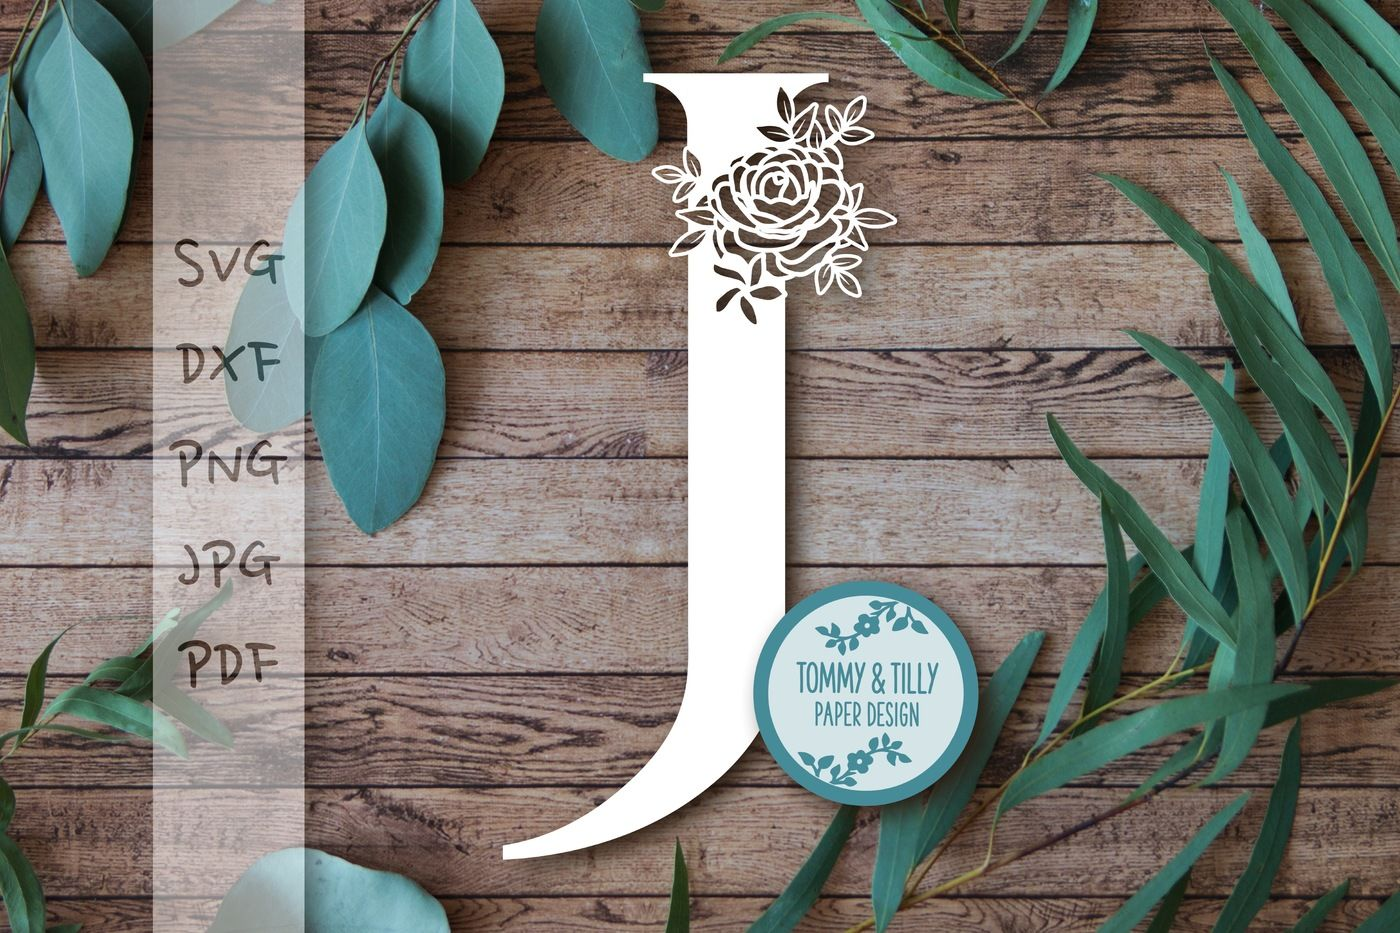 J Floral Letter Svg Dxf Png Jpg Pdf By Tommy And Tilly Design